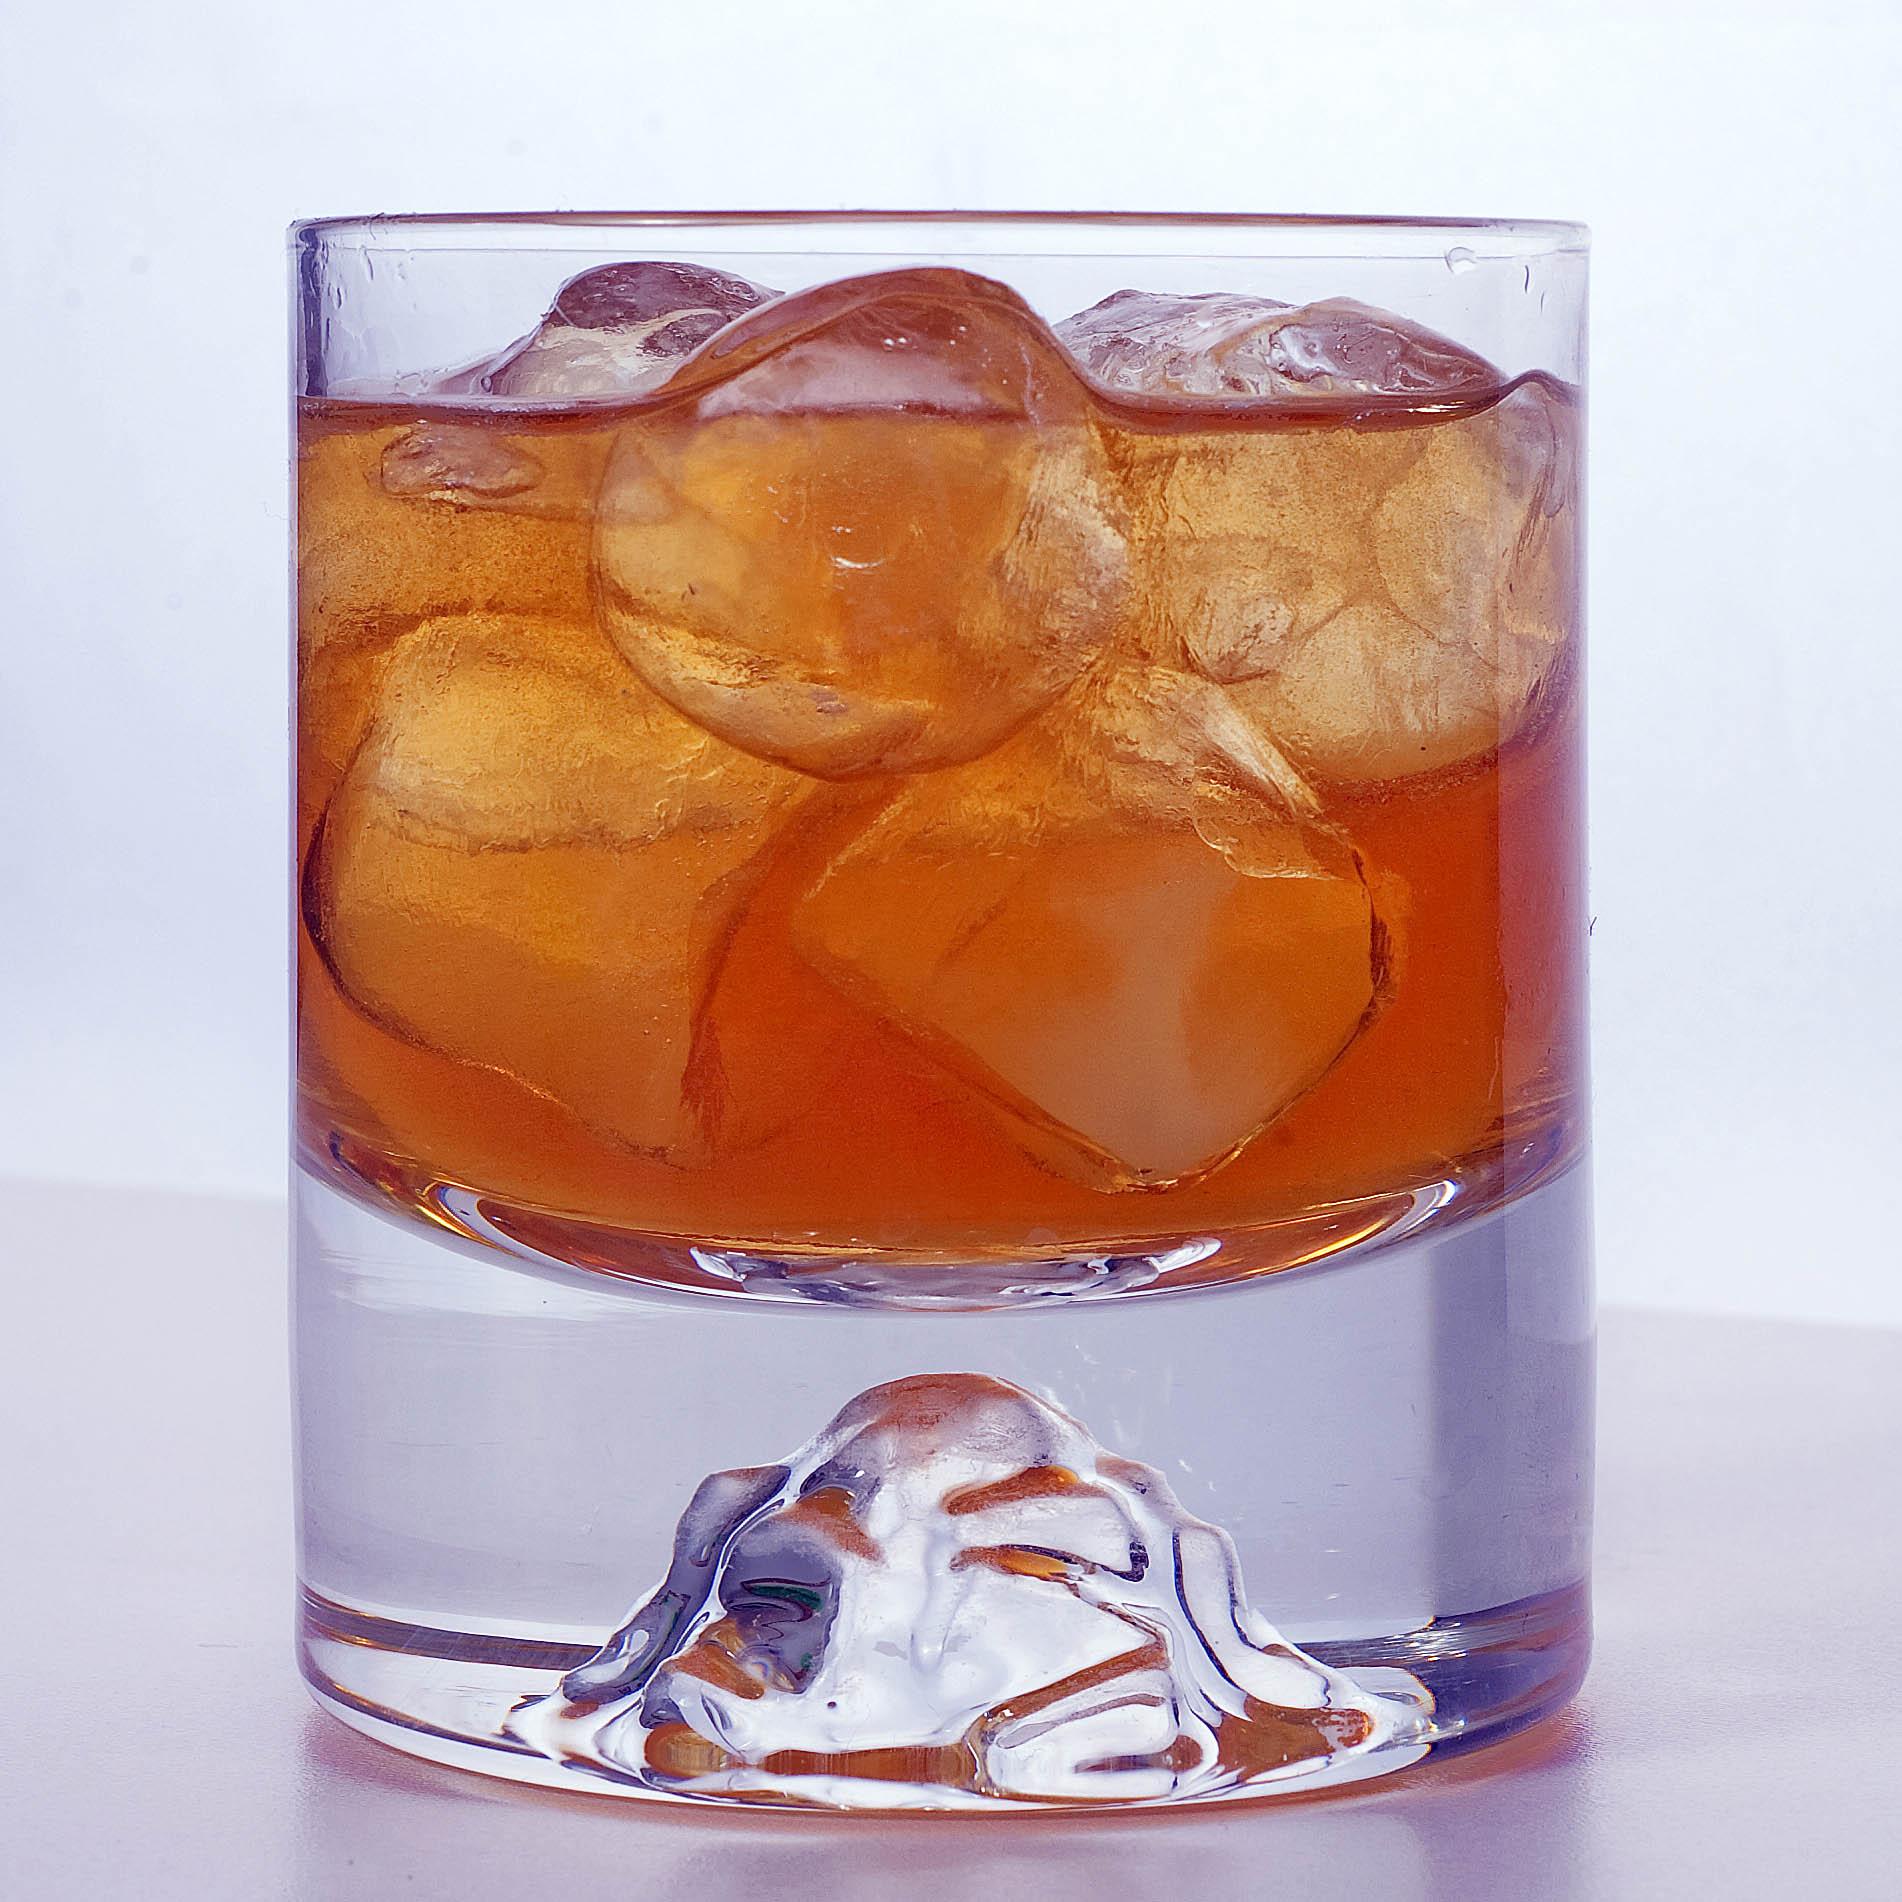 Fichier:Godfather cocktail.jpg — Wikipédia